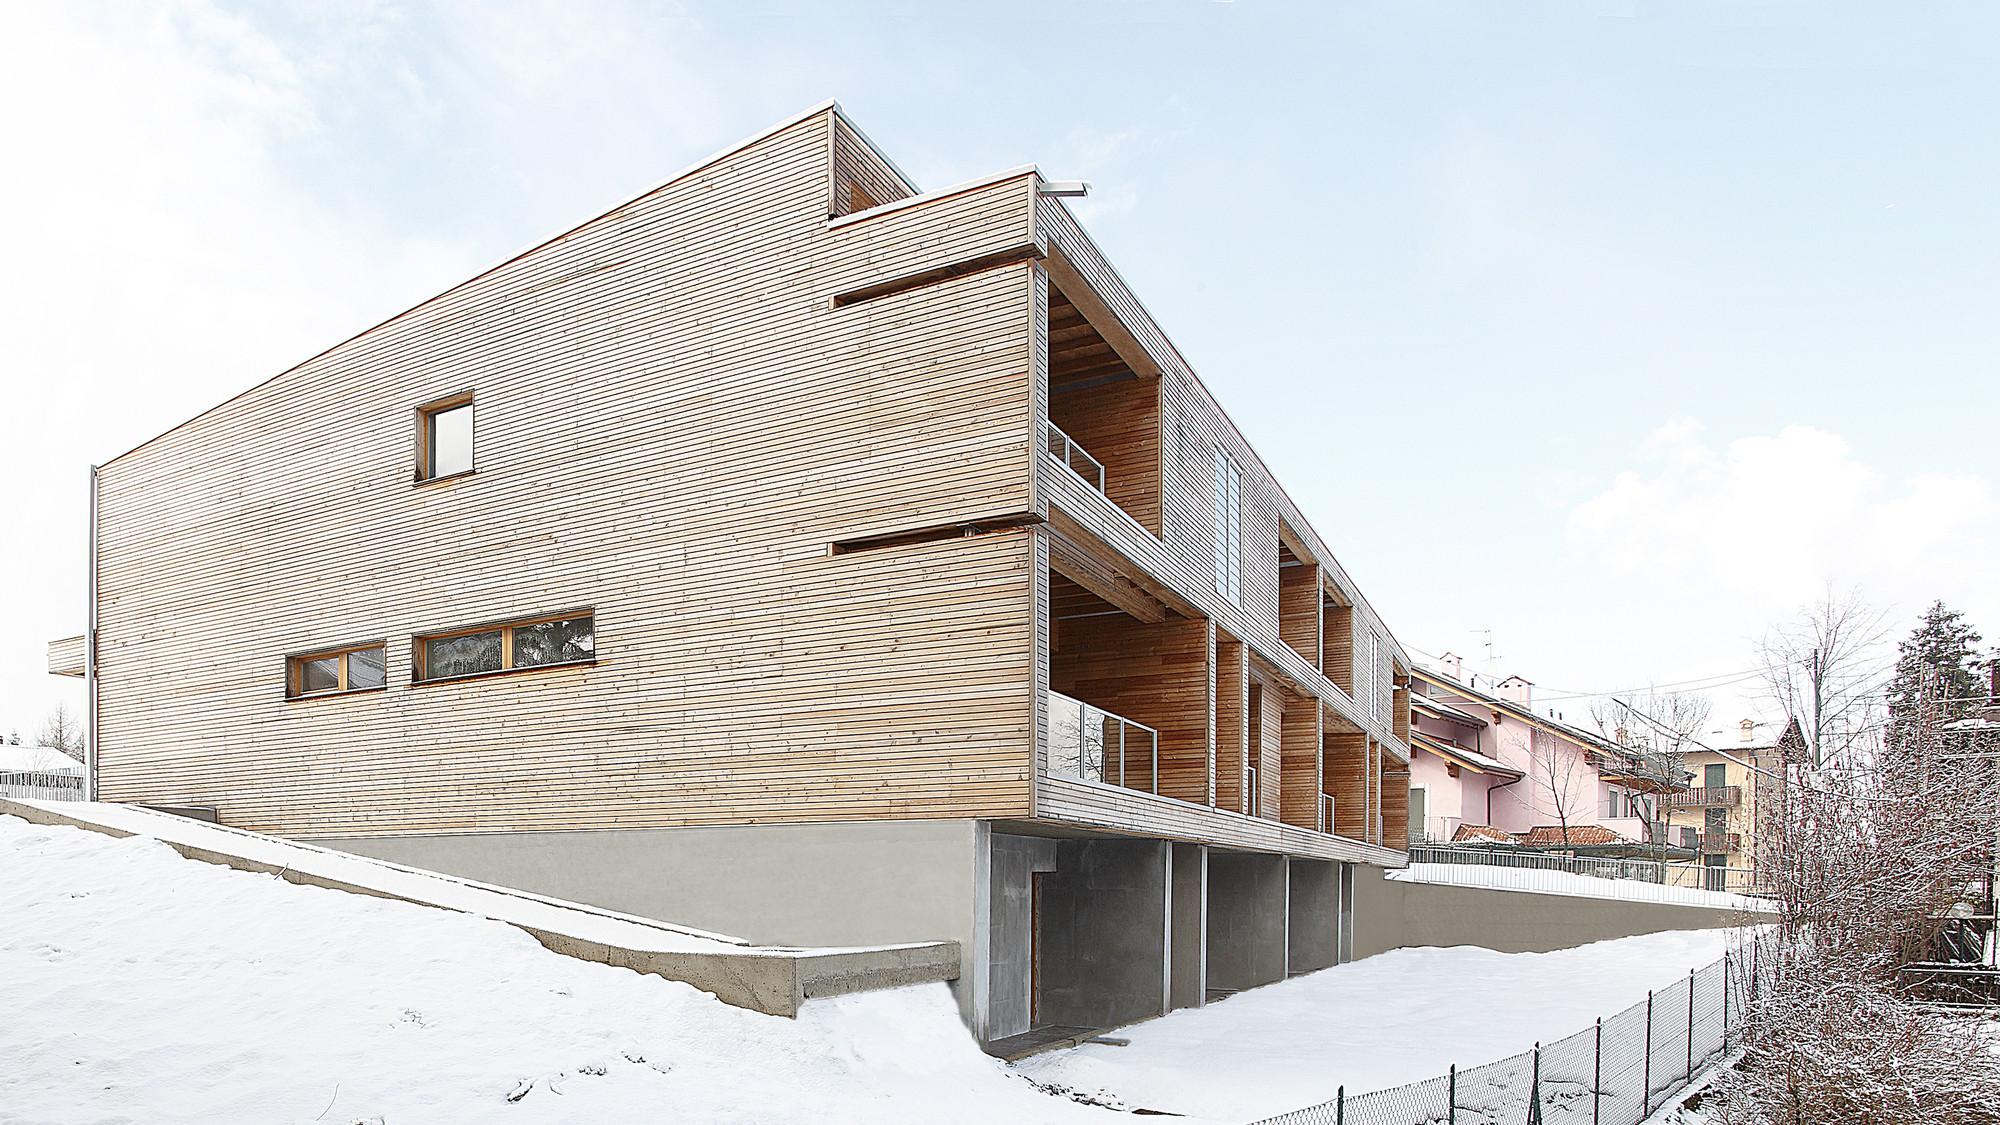 Edificio Residencial de Madera en Selvino / Camillo Botticini, © Luca Santiago Mora